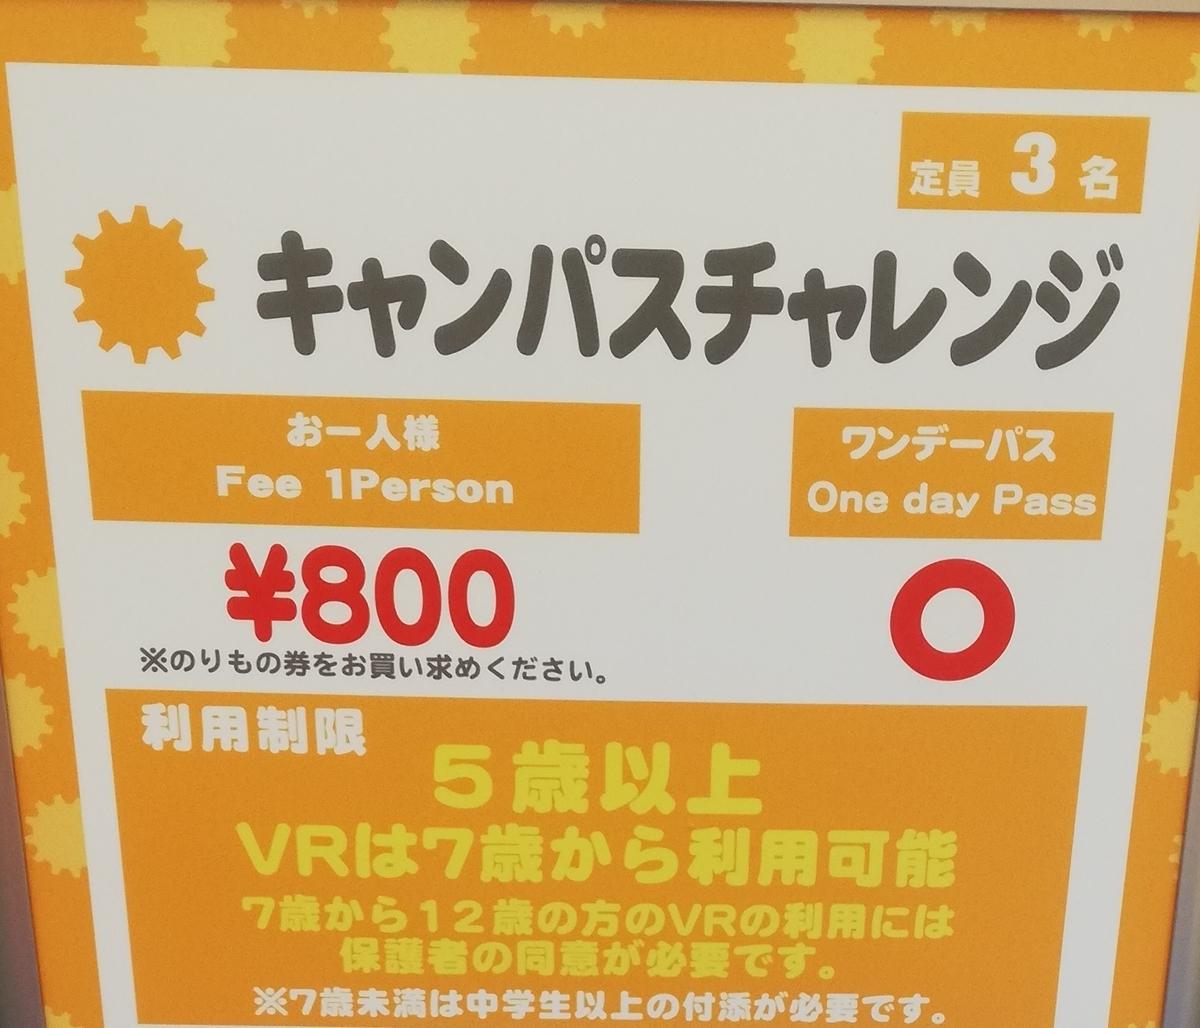 f:id:Tokyo-amuse:20201001212220j:plain